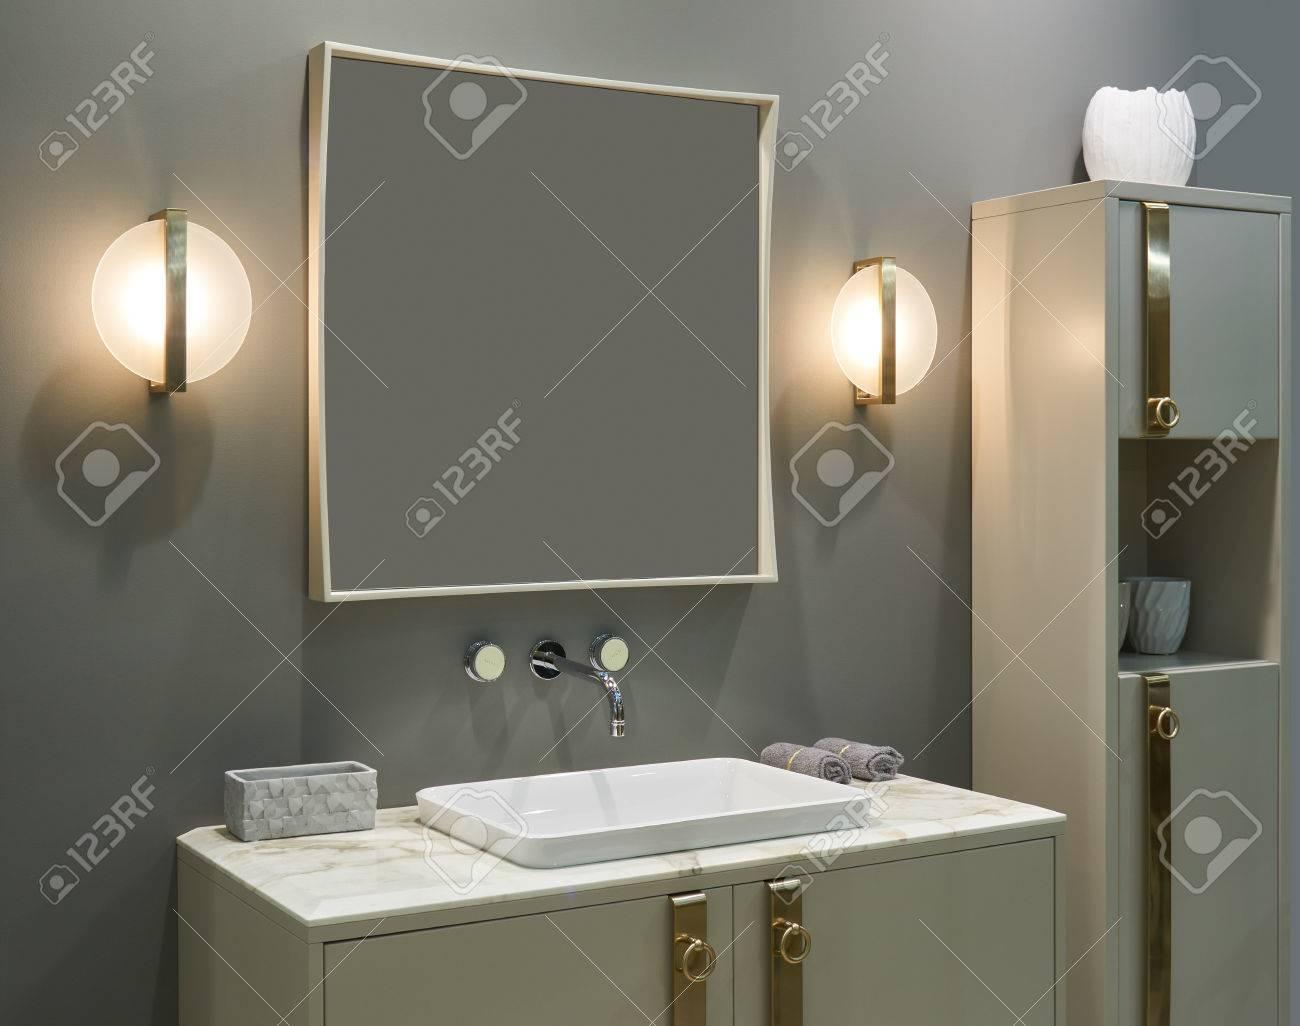 Salle de bains intérieure de luxe: mitigeur mural, lavabo encastré, grand  miroir, lampes électriques et meubles